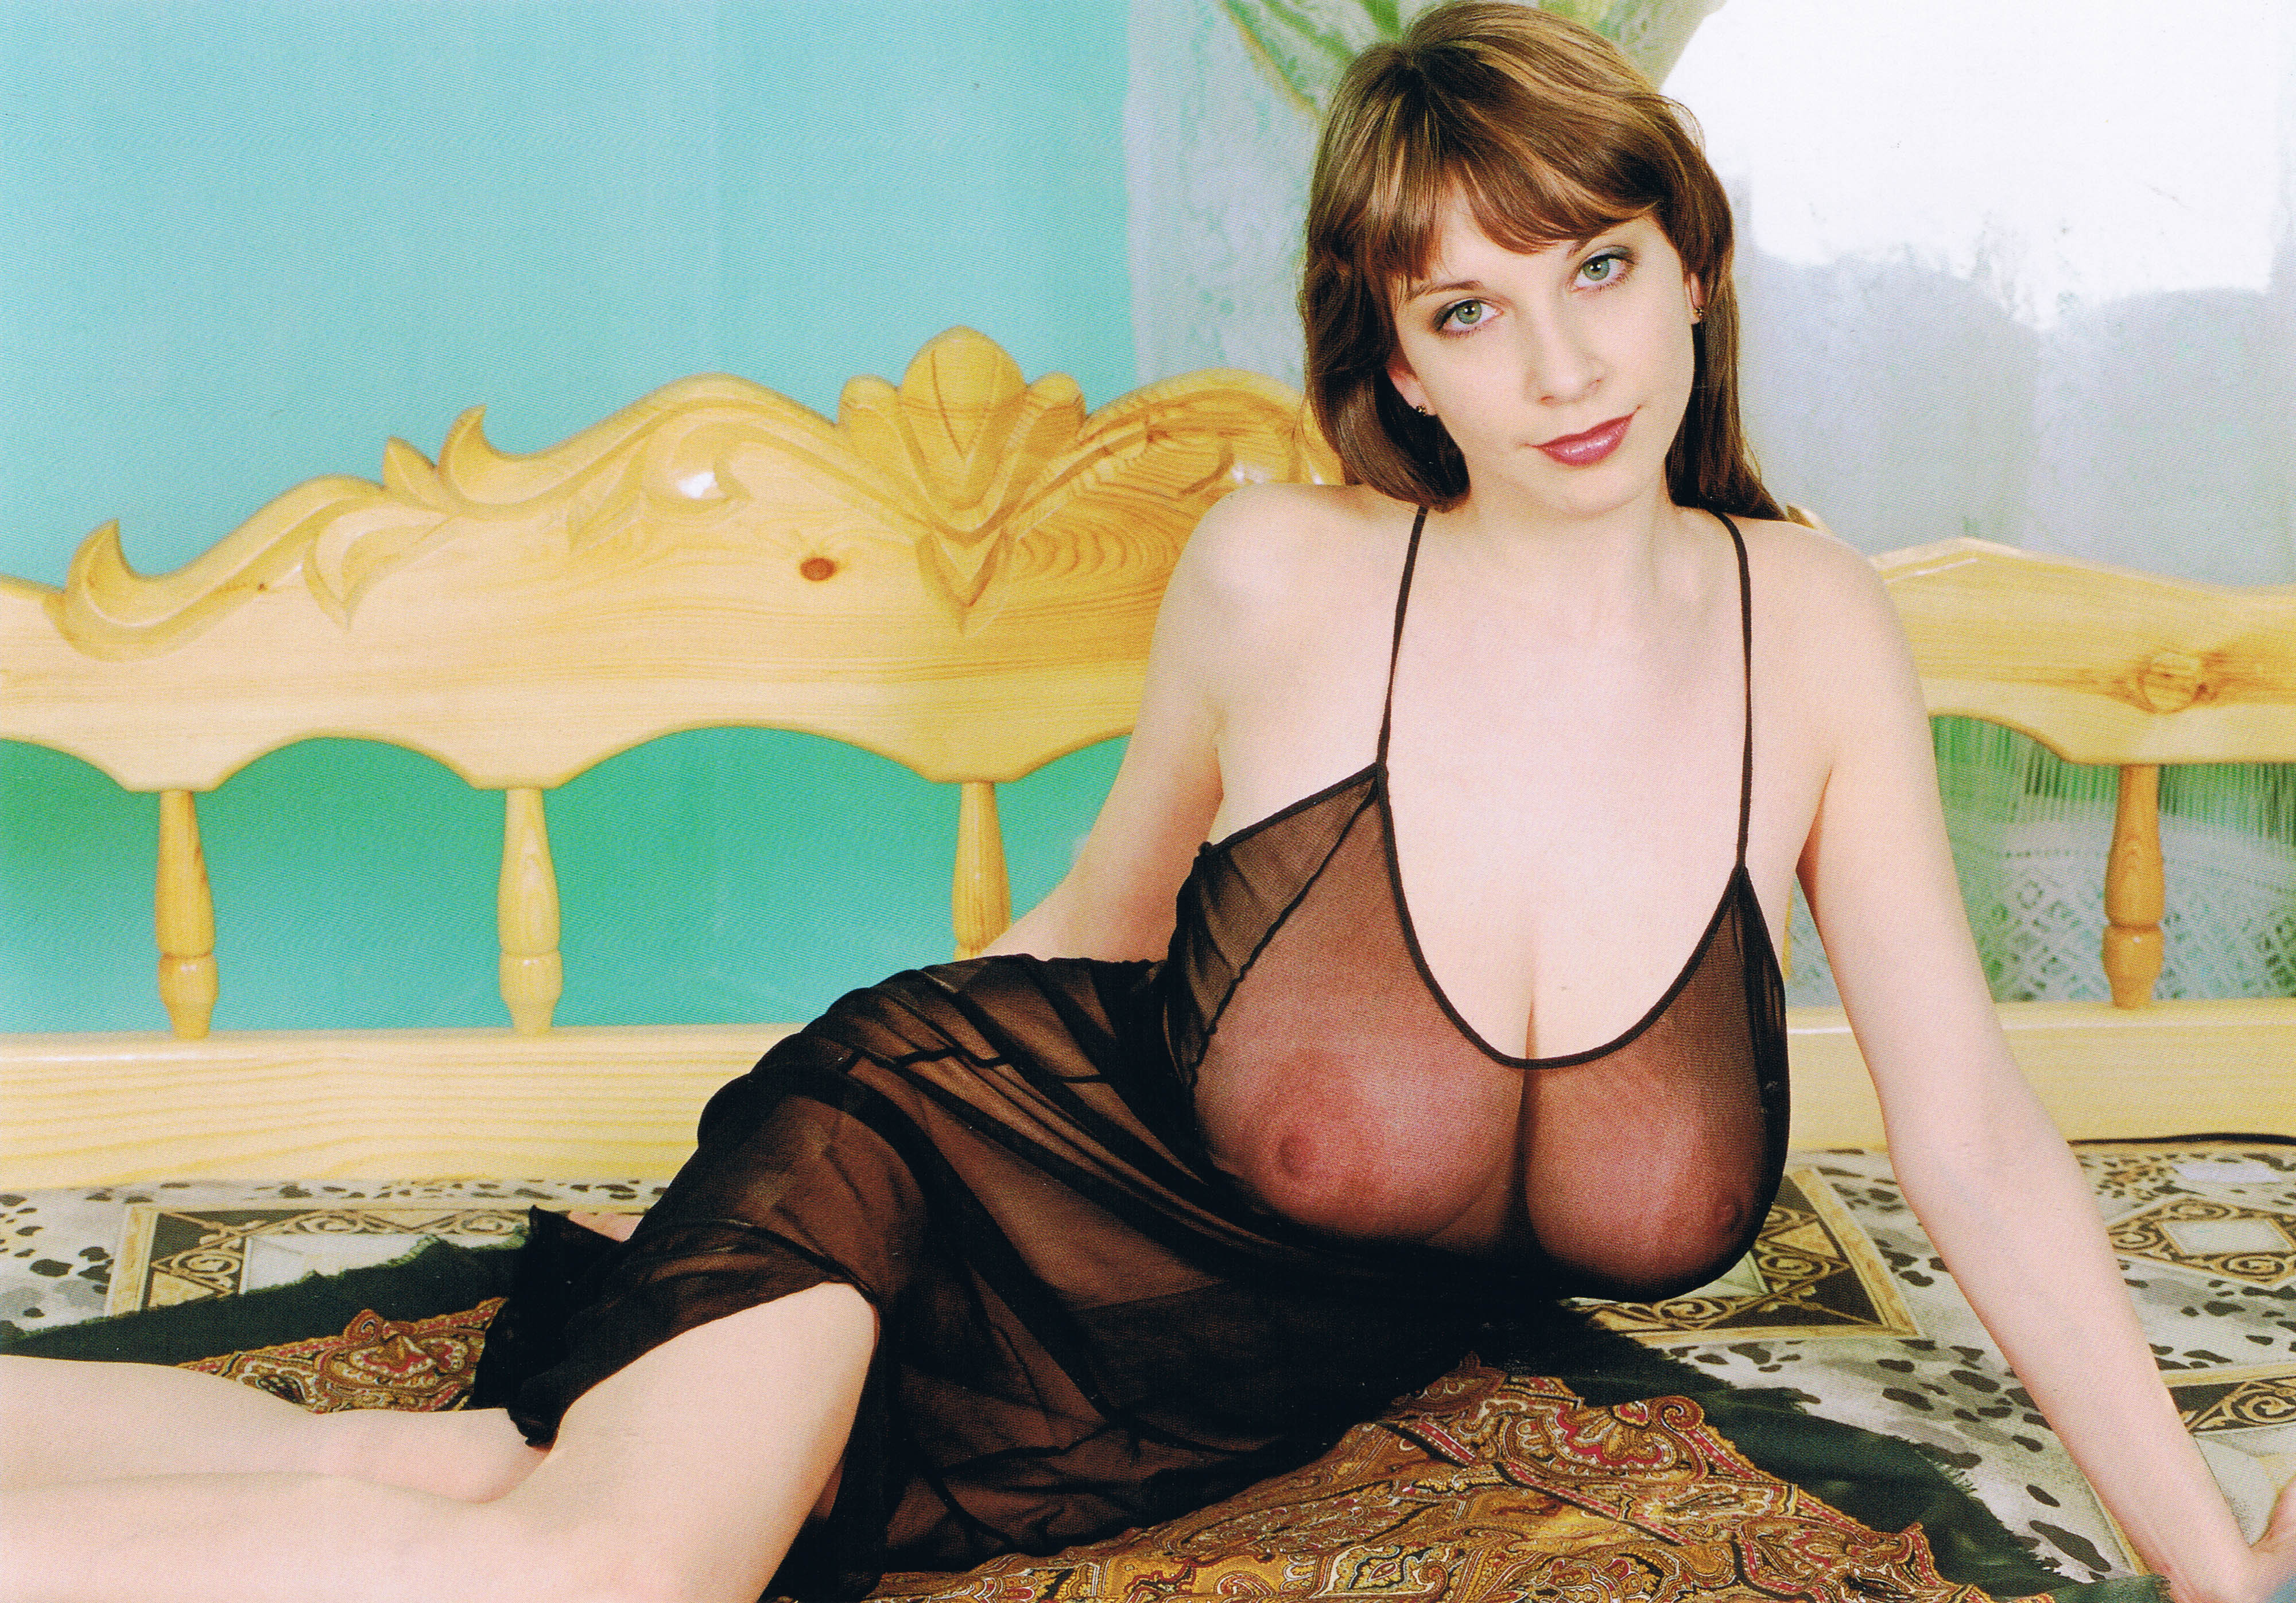 Секс фото юлия нова, раб у зрелой женщины порно